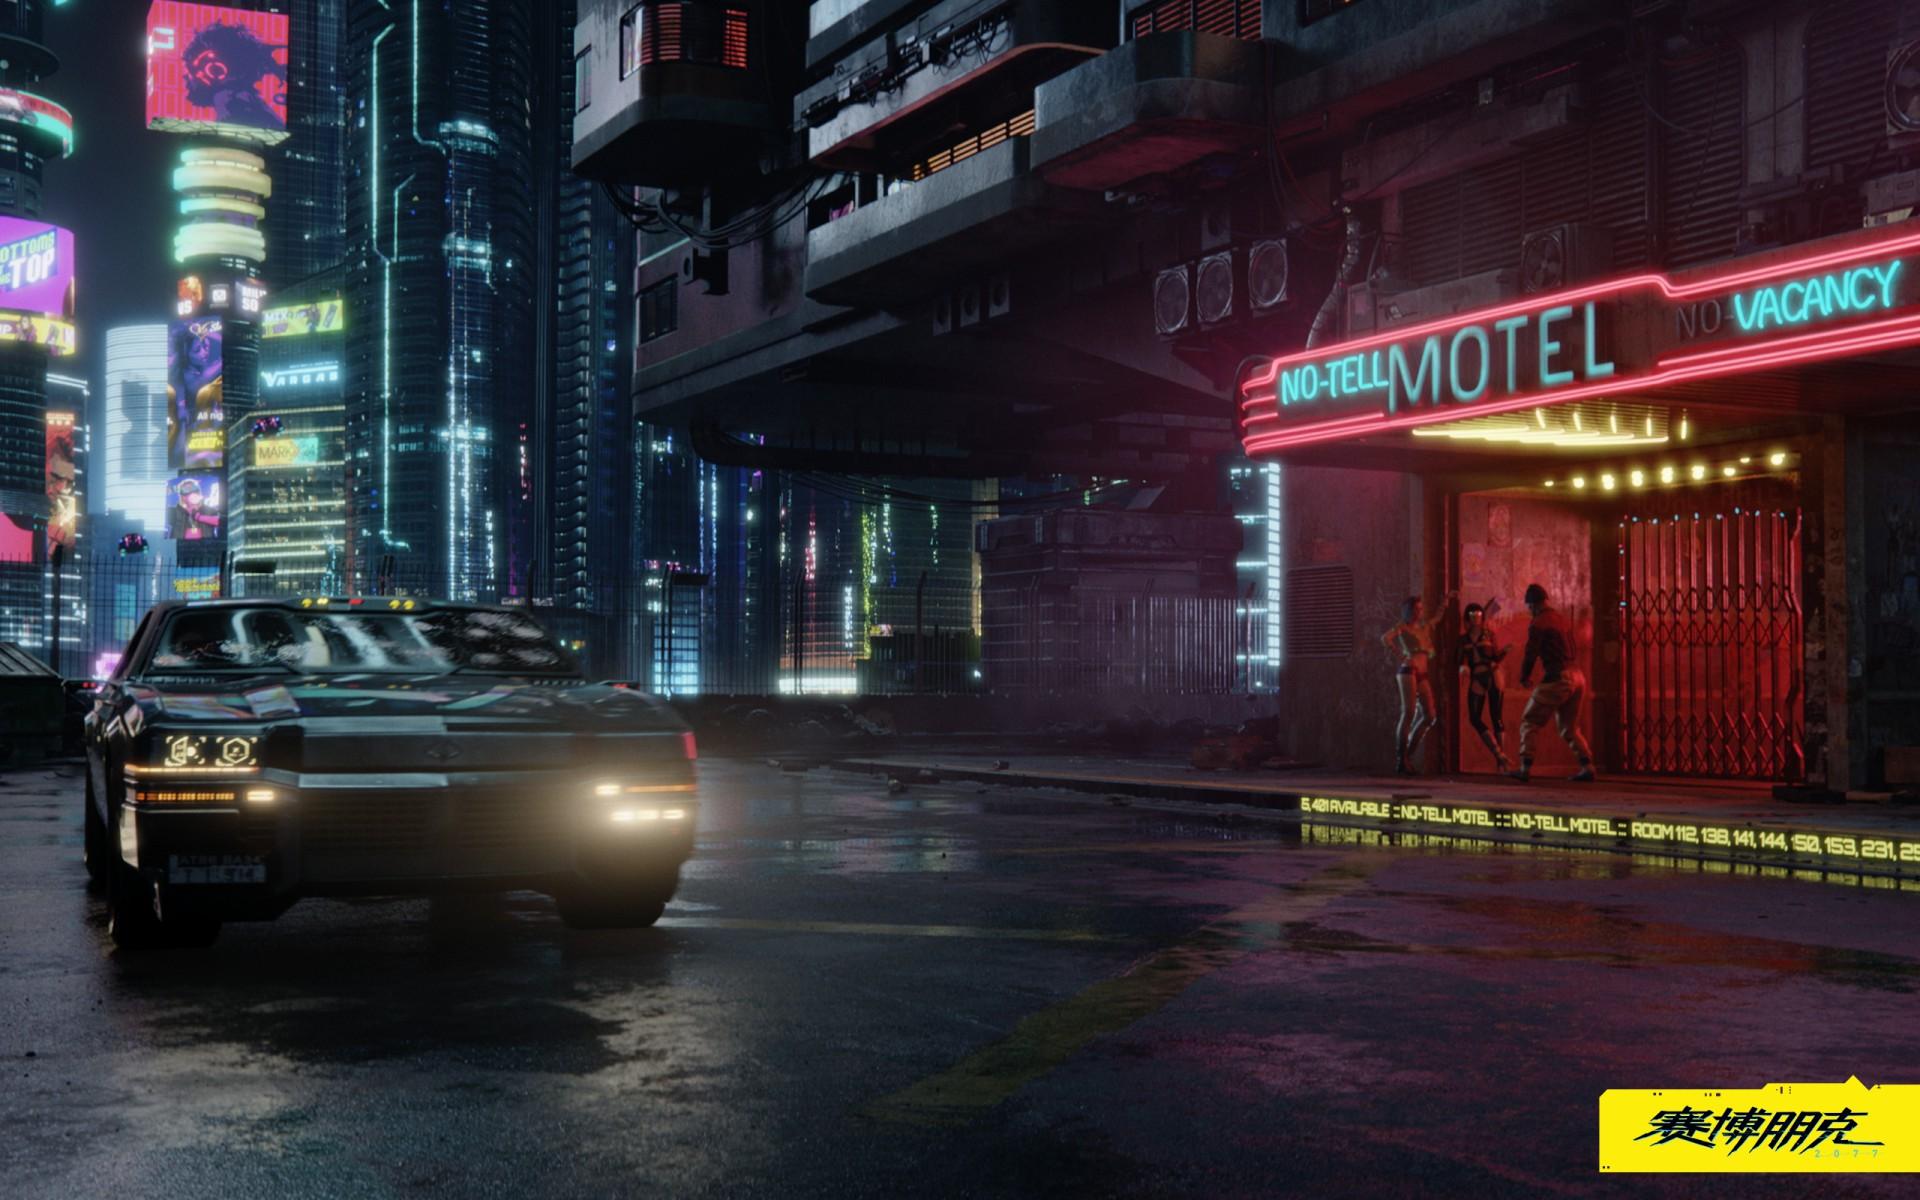 《赛博朋克2077》偶尔出现第三人称视角 照镜子看帅气主角